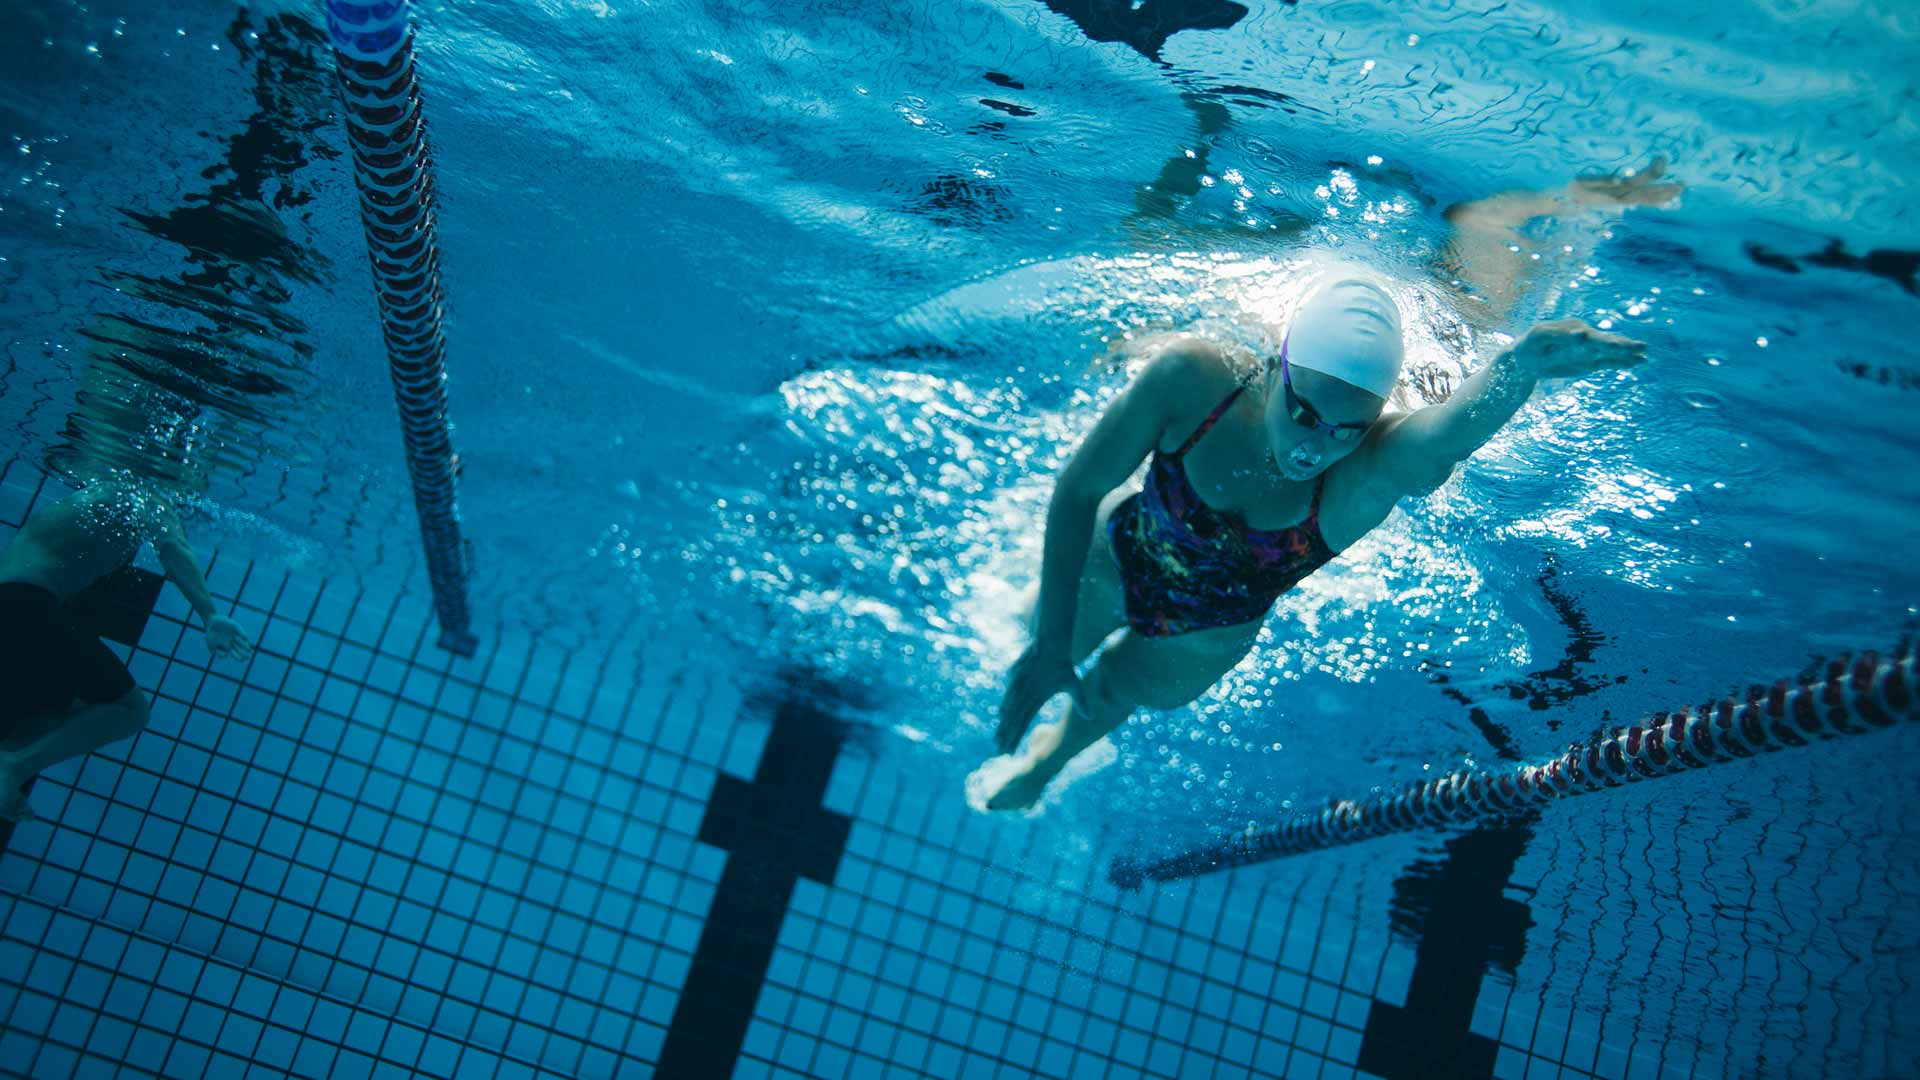 Voiko uiminen aiheuttaa pissatulehduksia?